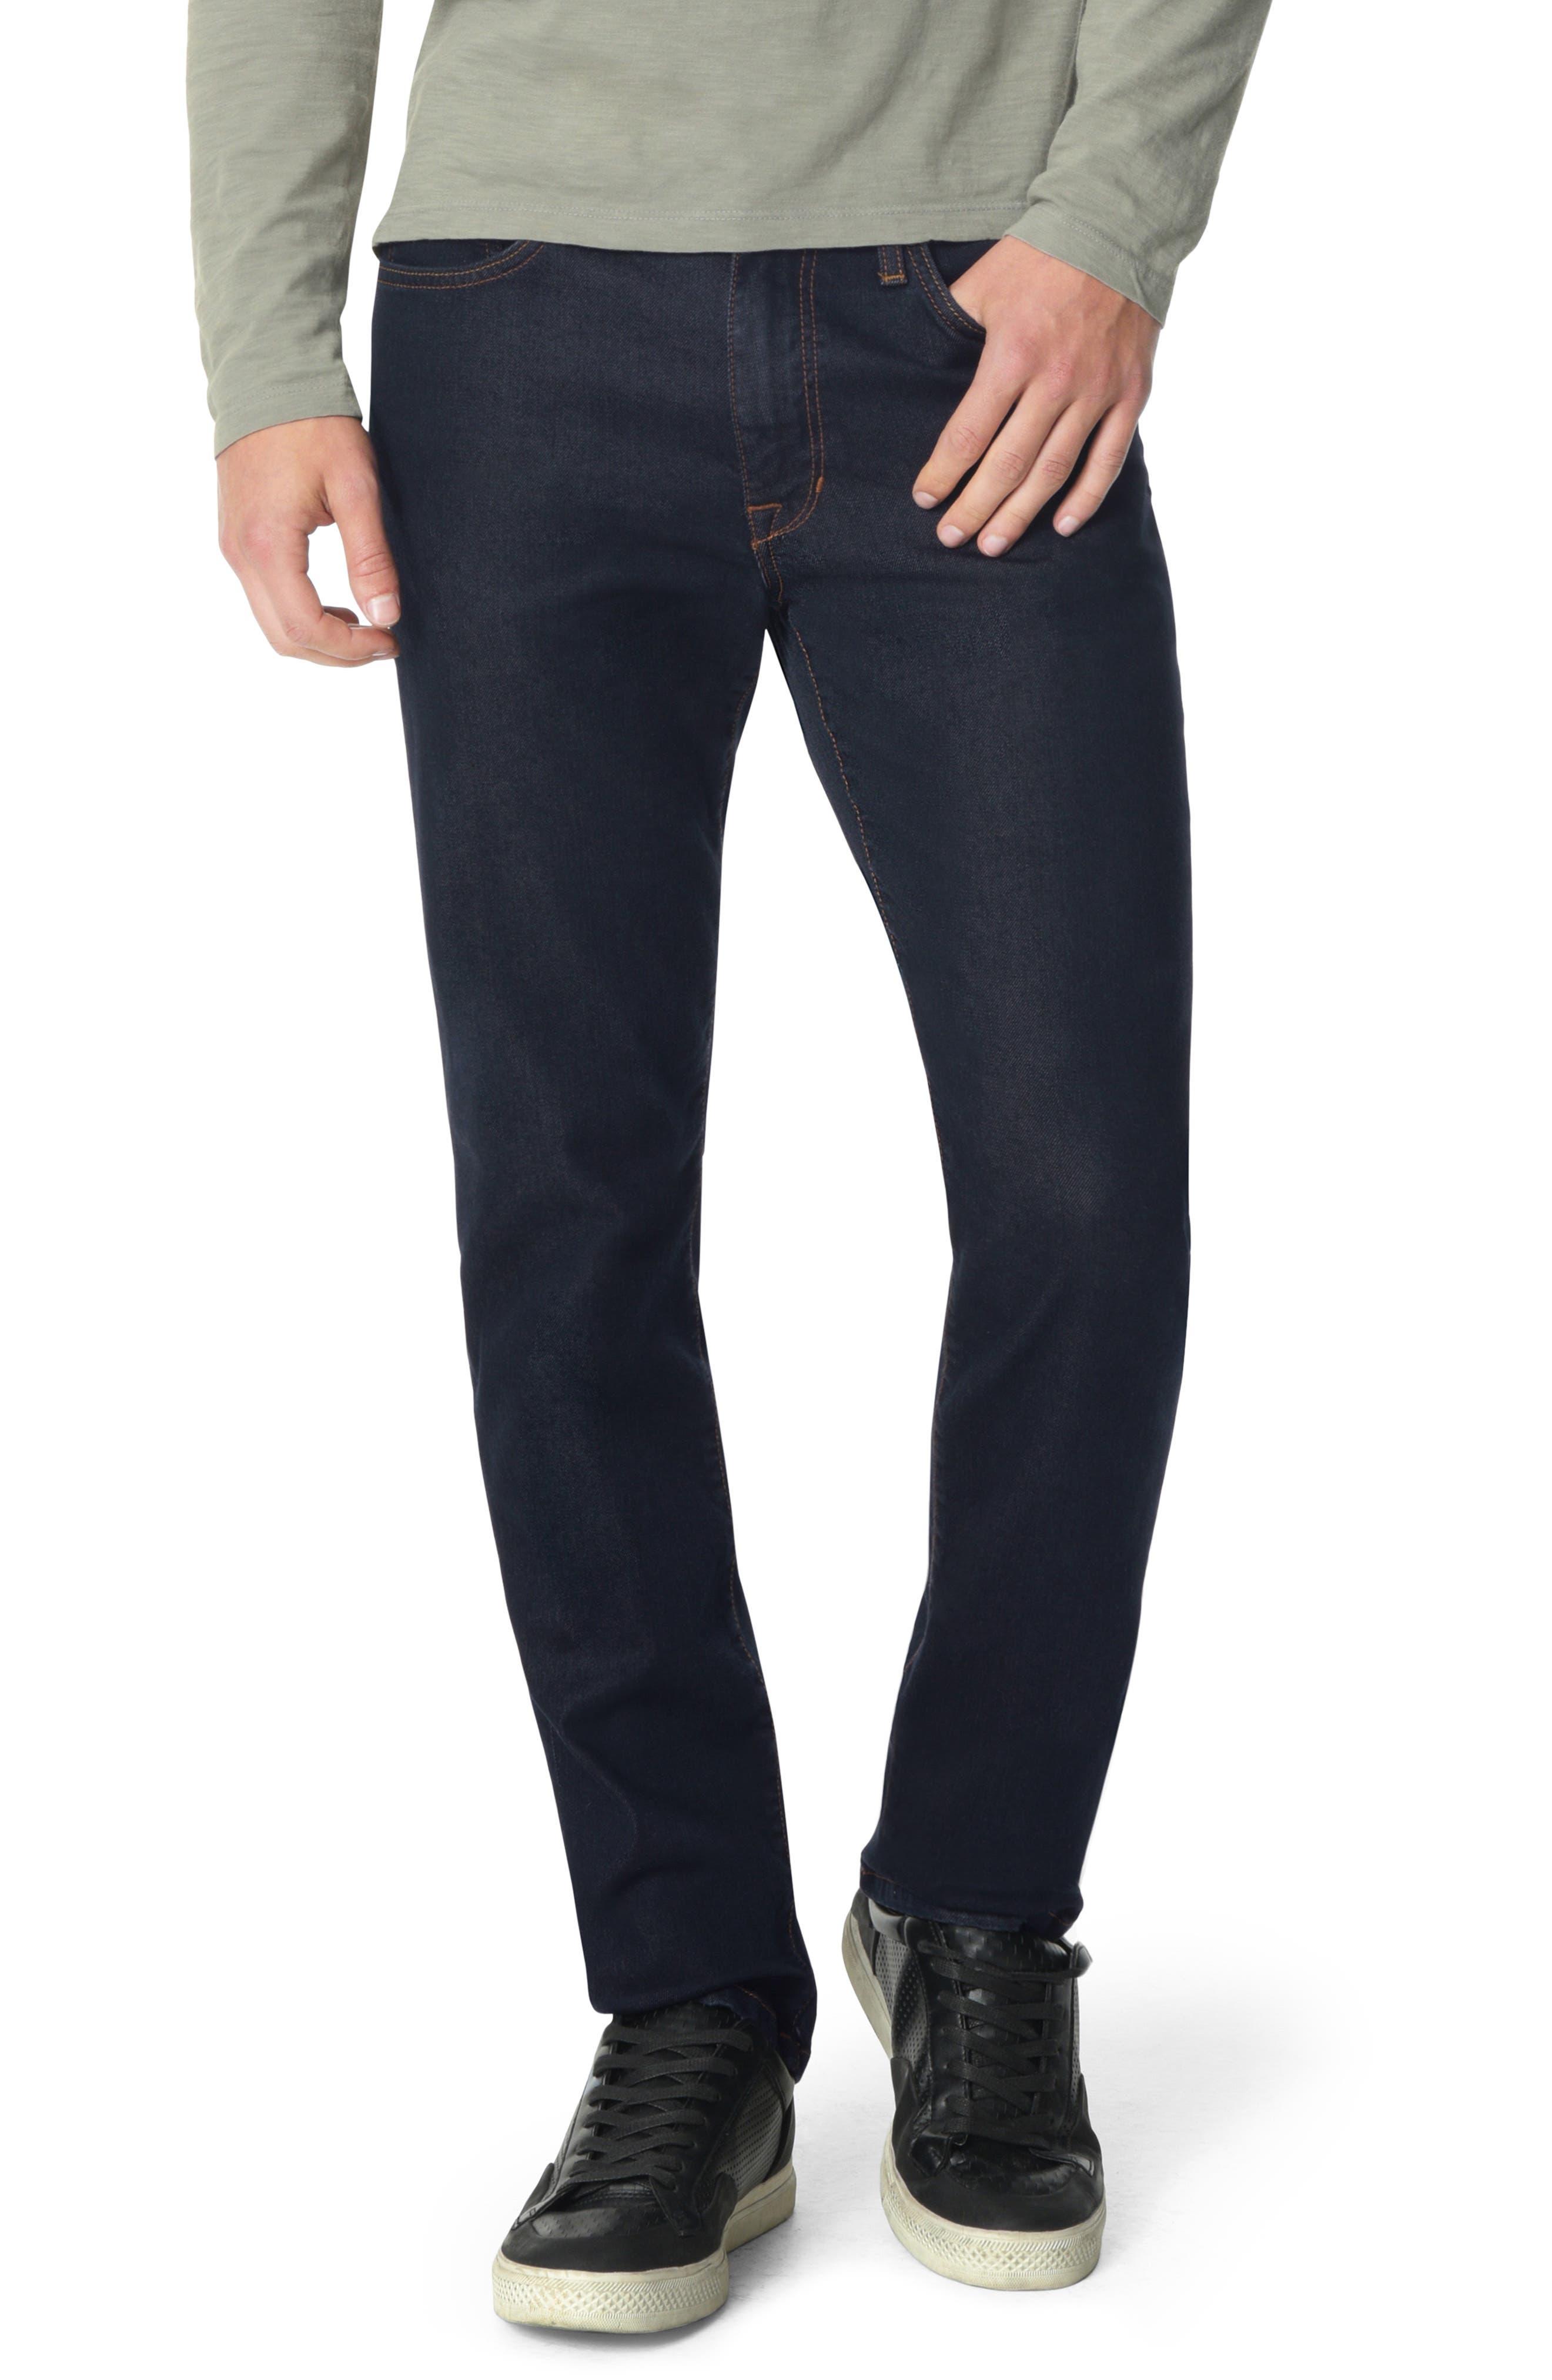 Brixton Slim Straight Leg Jeans,                             Main thumbnail 1, color,                             SIMON